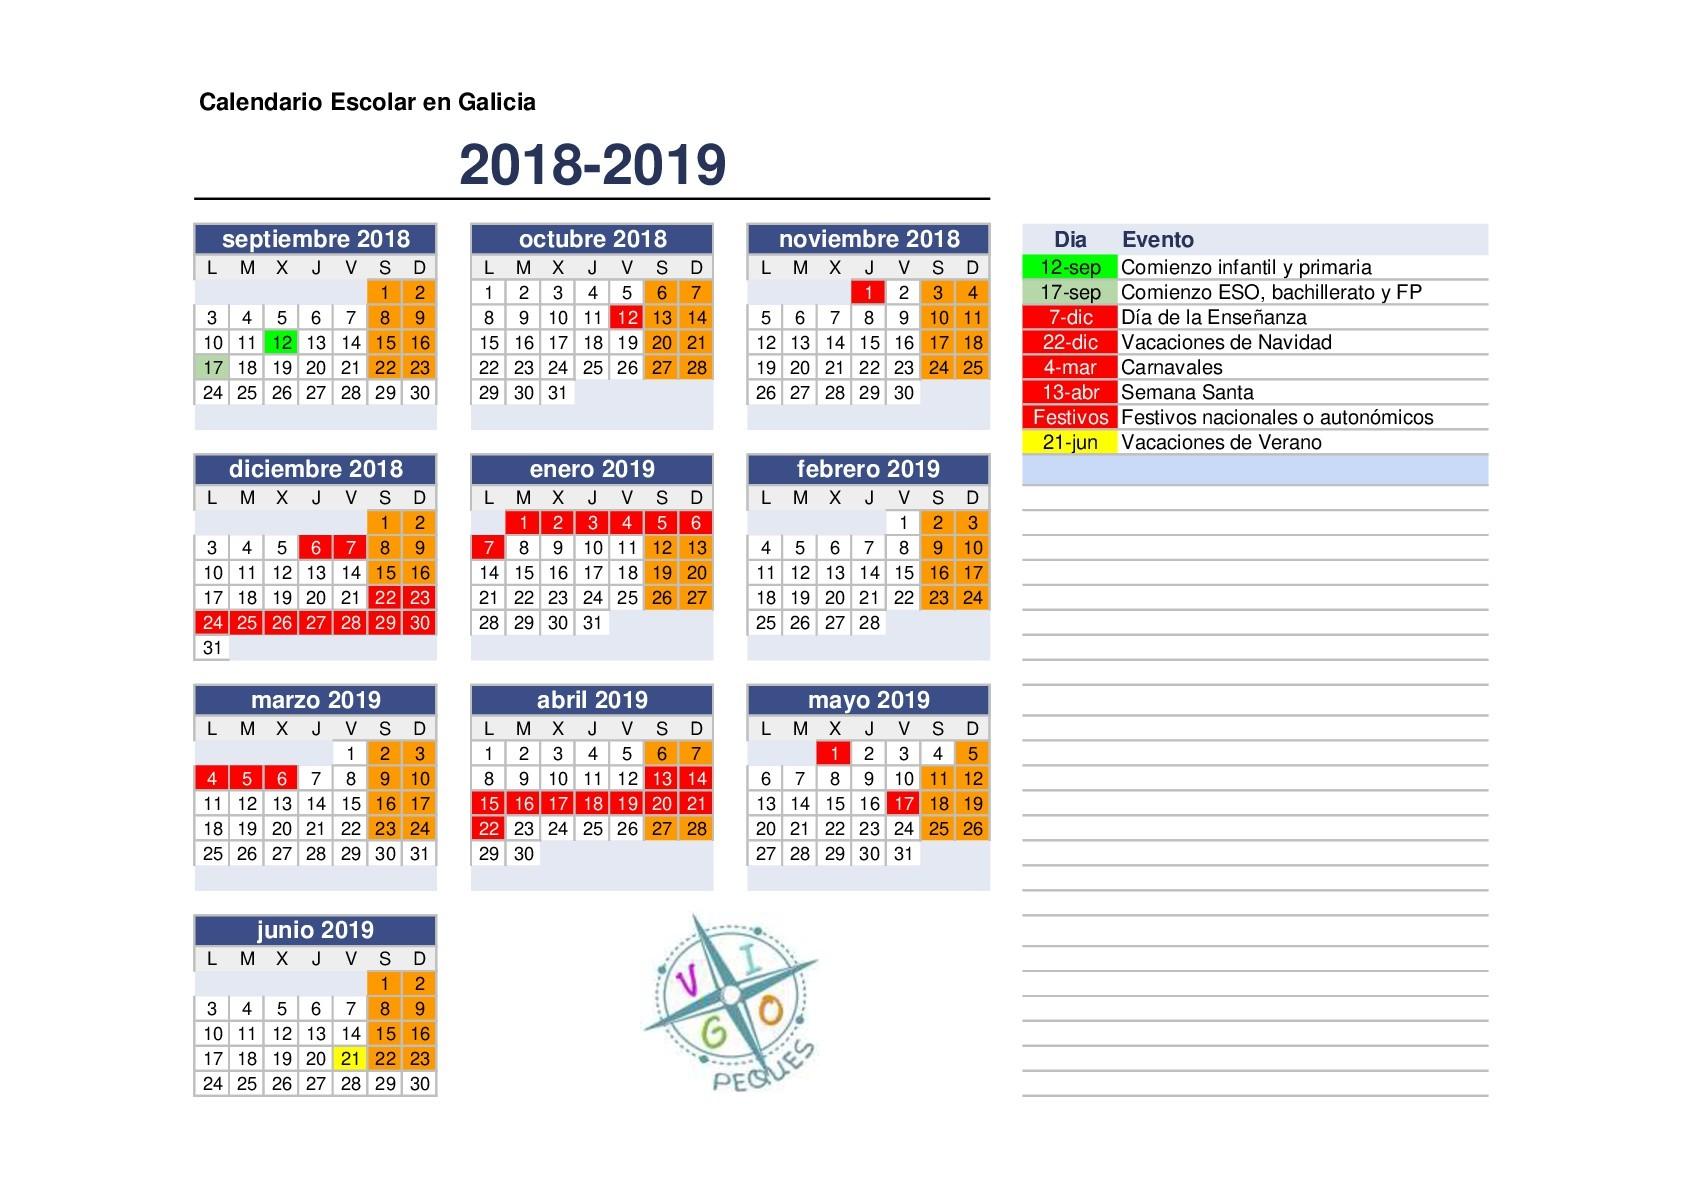 galicia 2018 2019 galicia 2018 2019 Calendario Escolar 2018 Sep Semana Santa